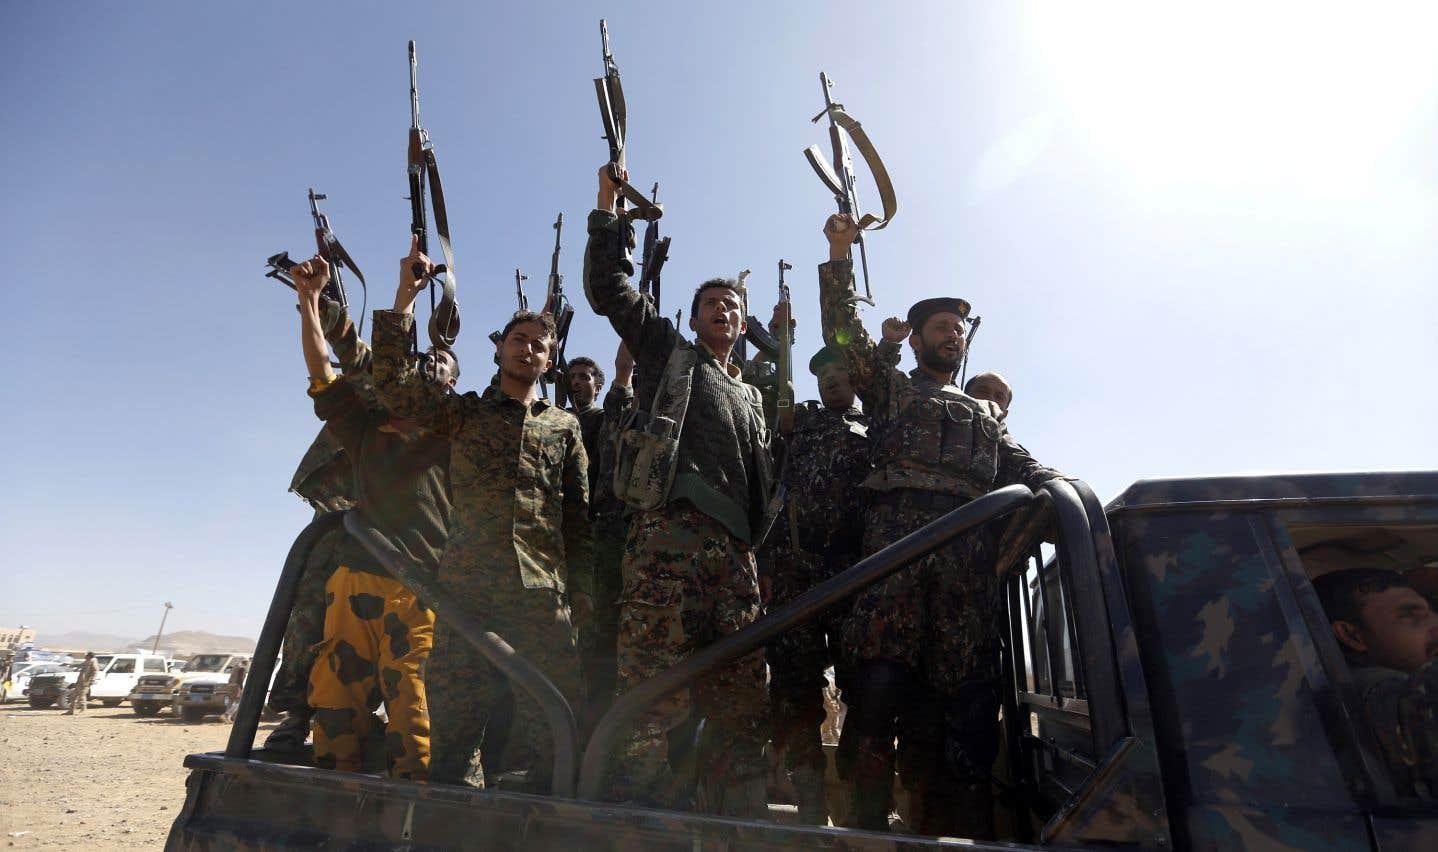 Des combattants houthis nouvellement recrutés scandent des slogans alors qu'ils montent un véhicule militaire lors d'un rassemblement dans la capitale Sanaa, le 3 janvier dernier.